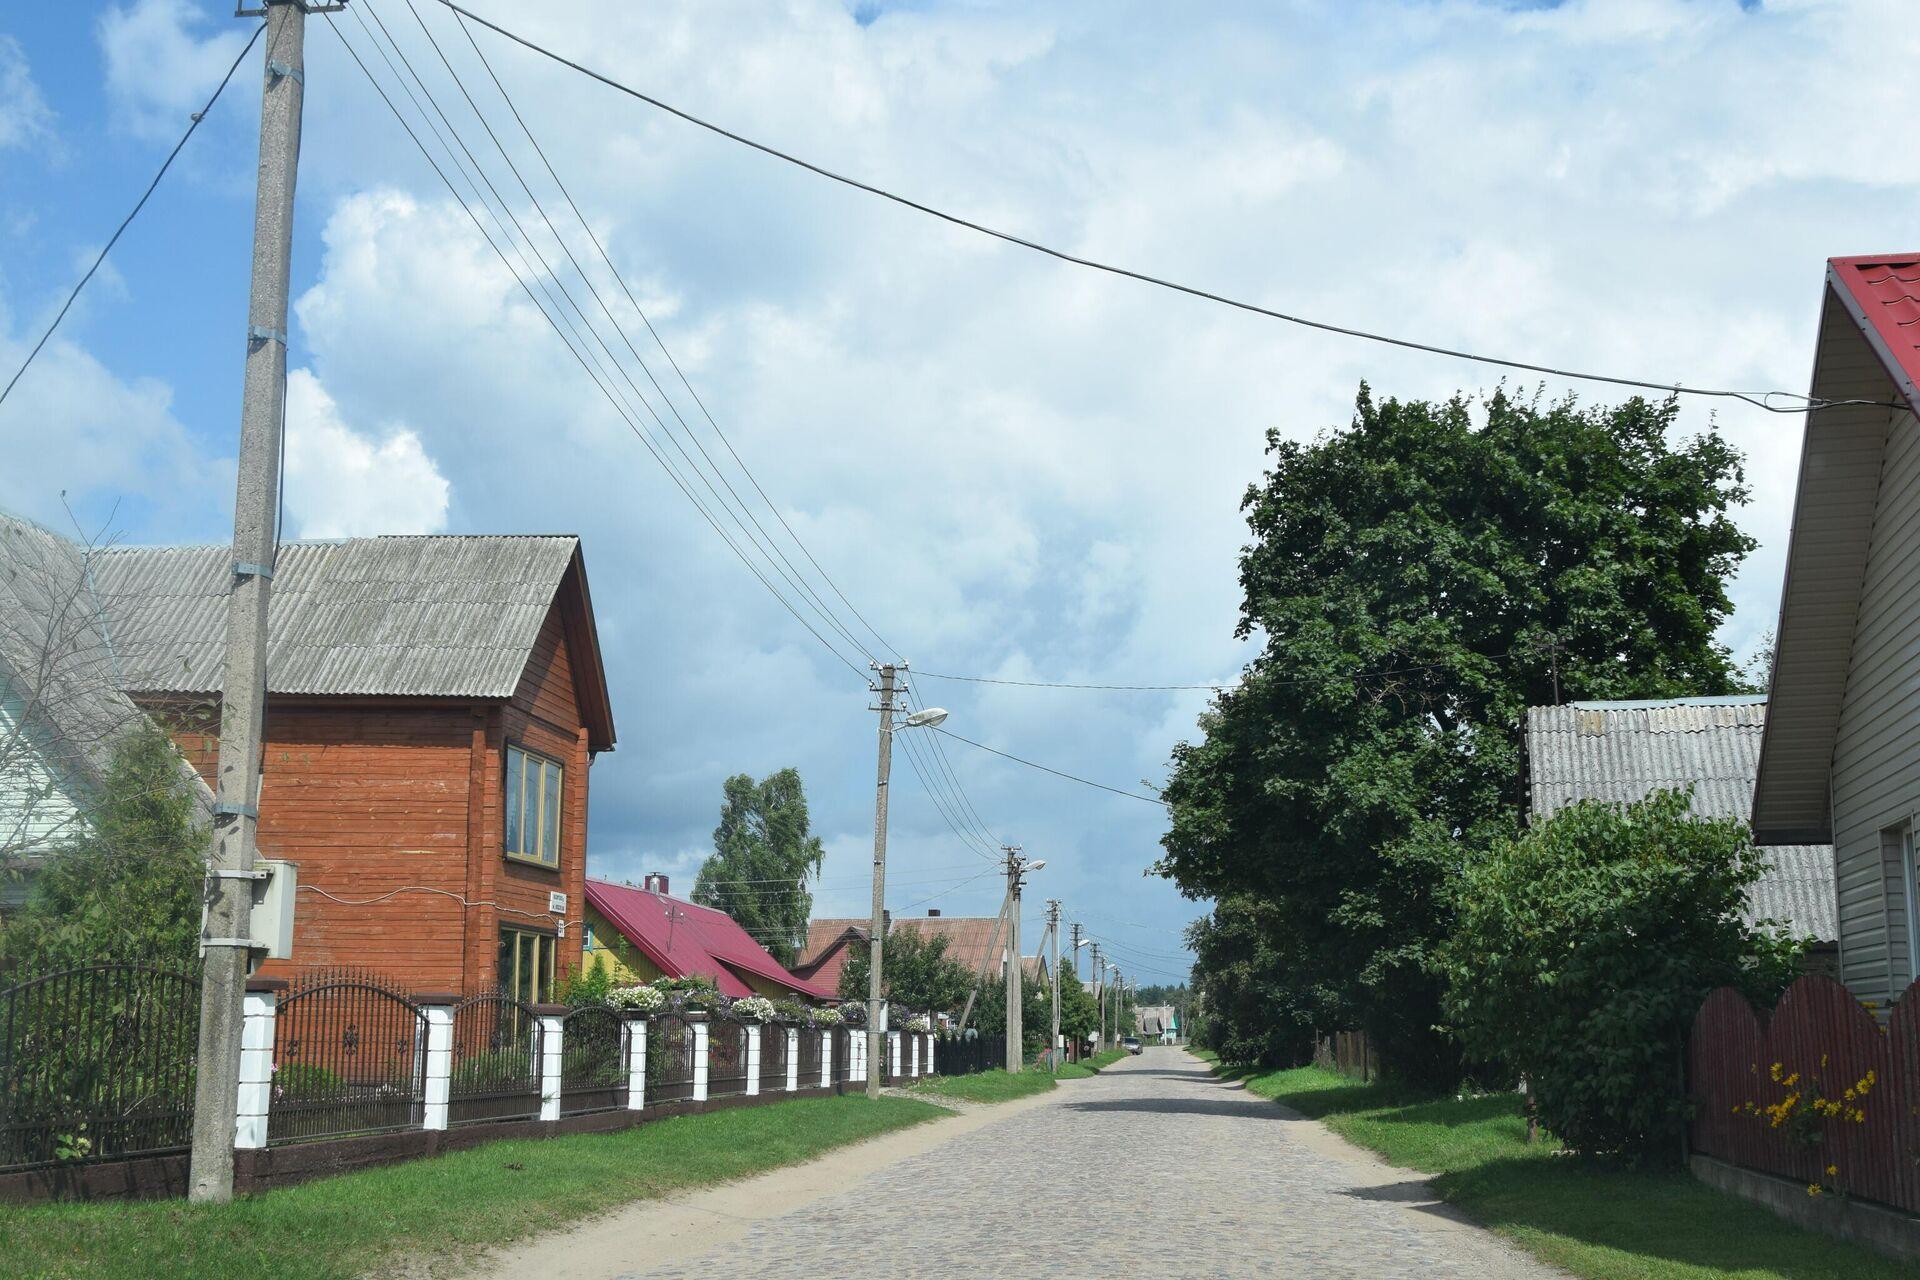 Улица в деревне Руднинкай в Шальчининкайском районе Литвы - Sputnik Латвия, 1920, 30.08.2021